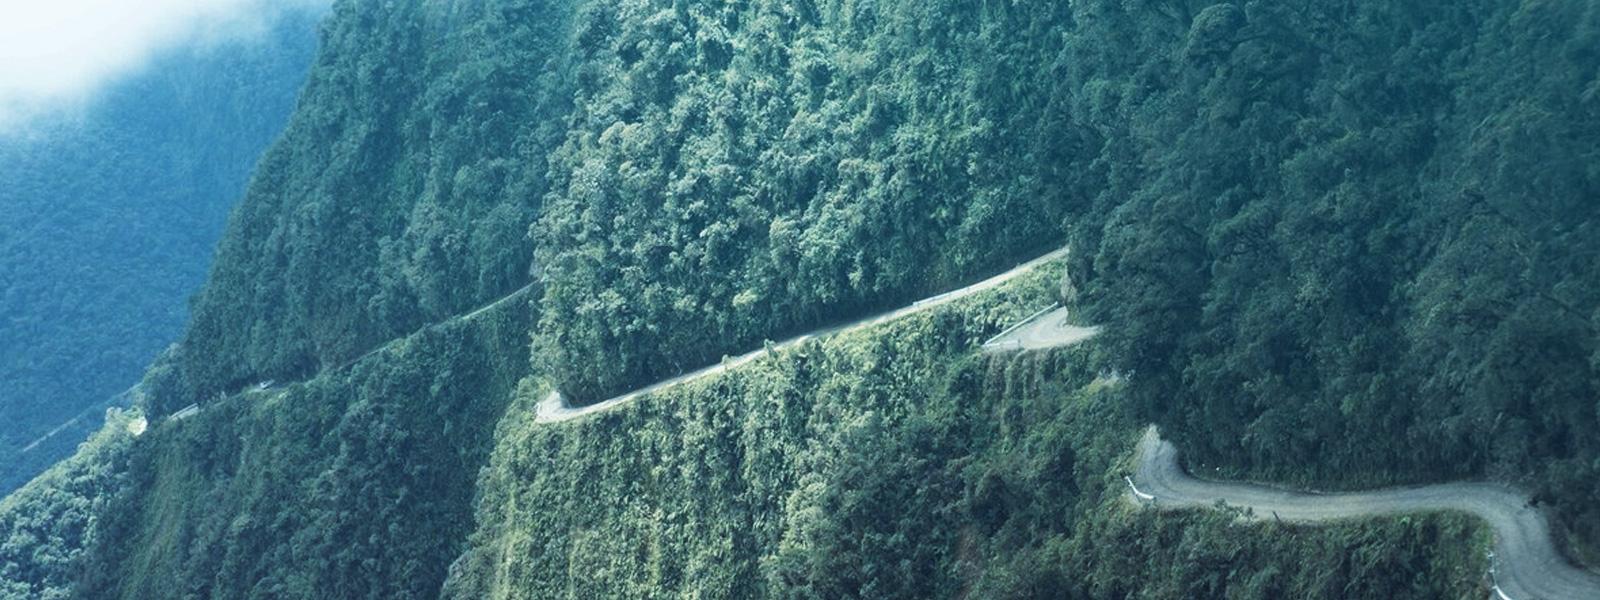 estradas-mais-perigosas-mundo-estrada-morte-blog-ceabs